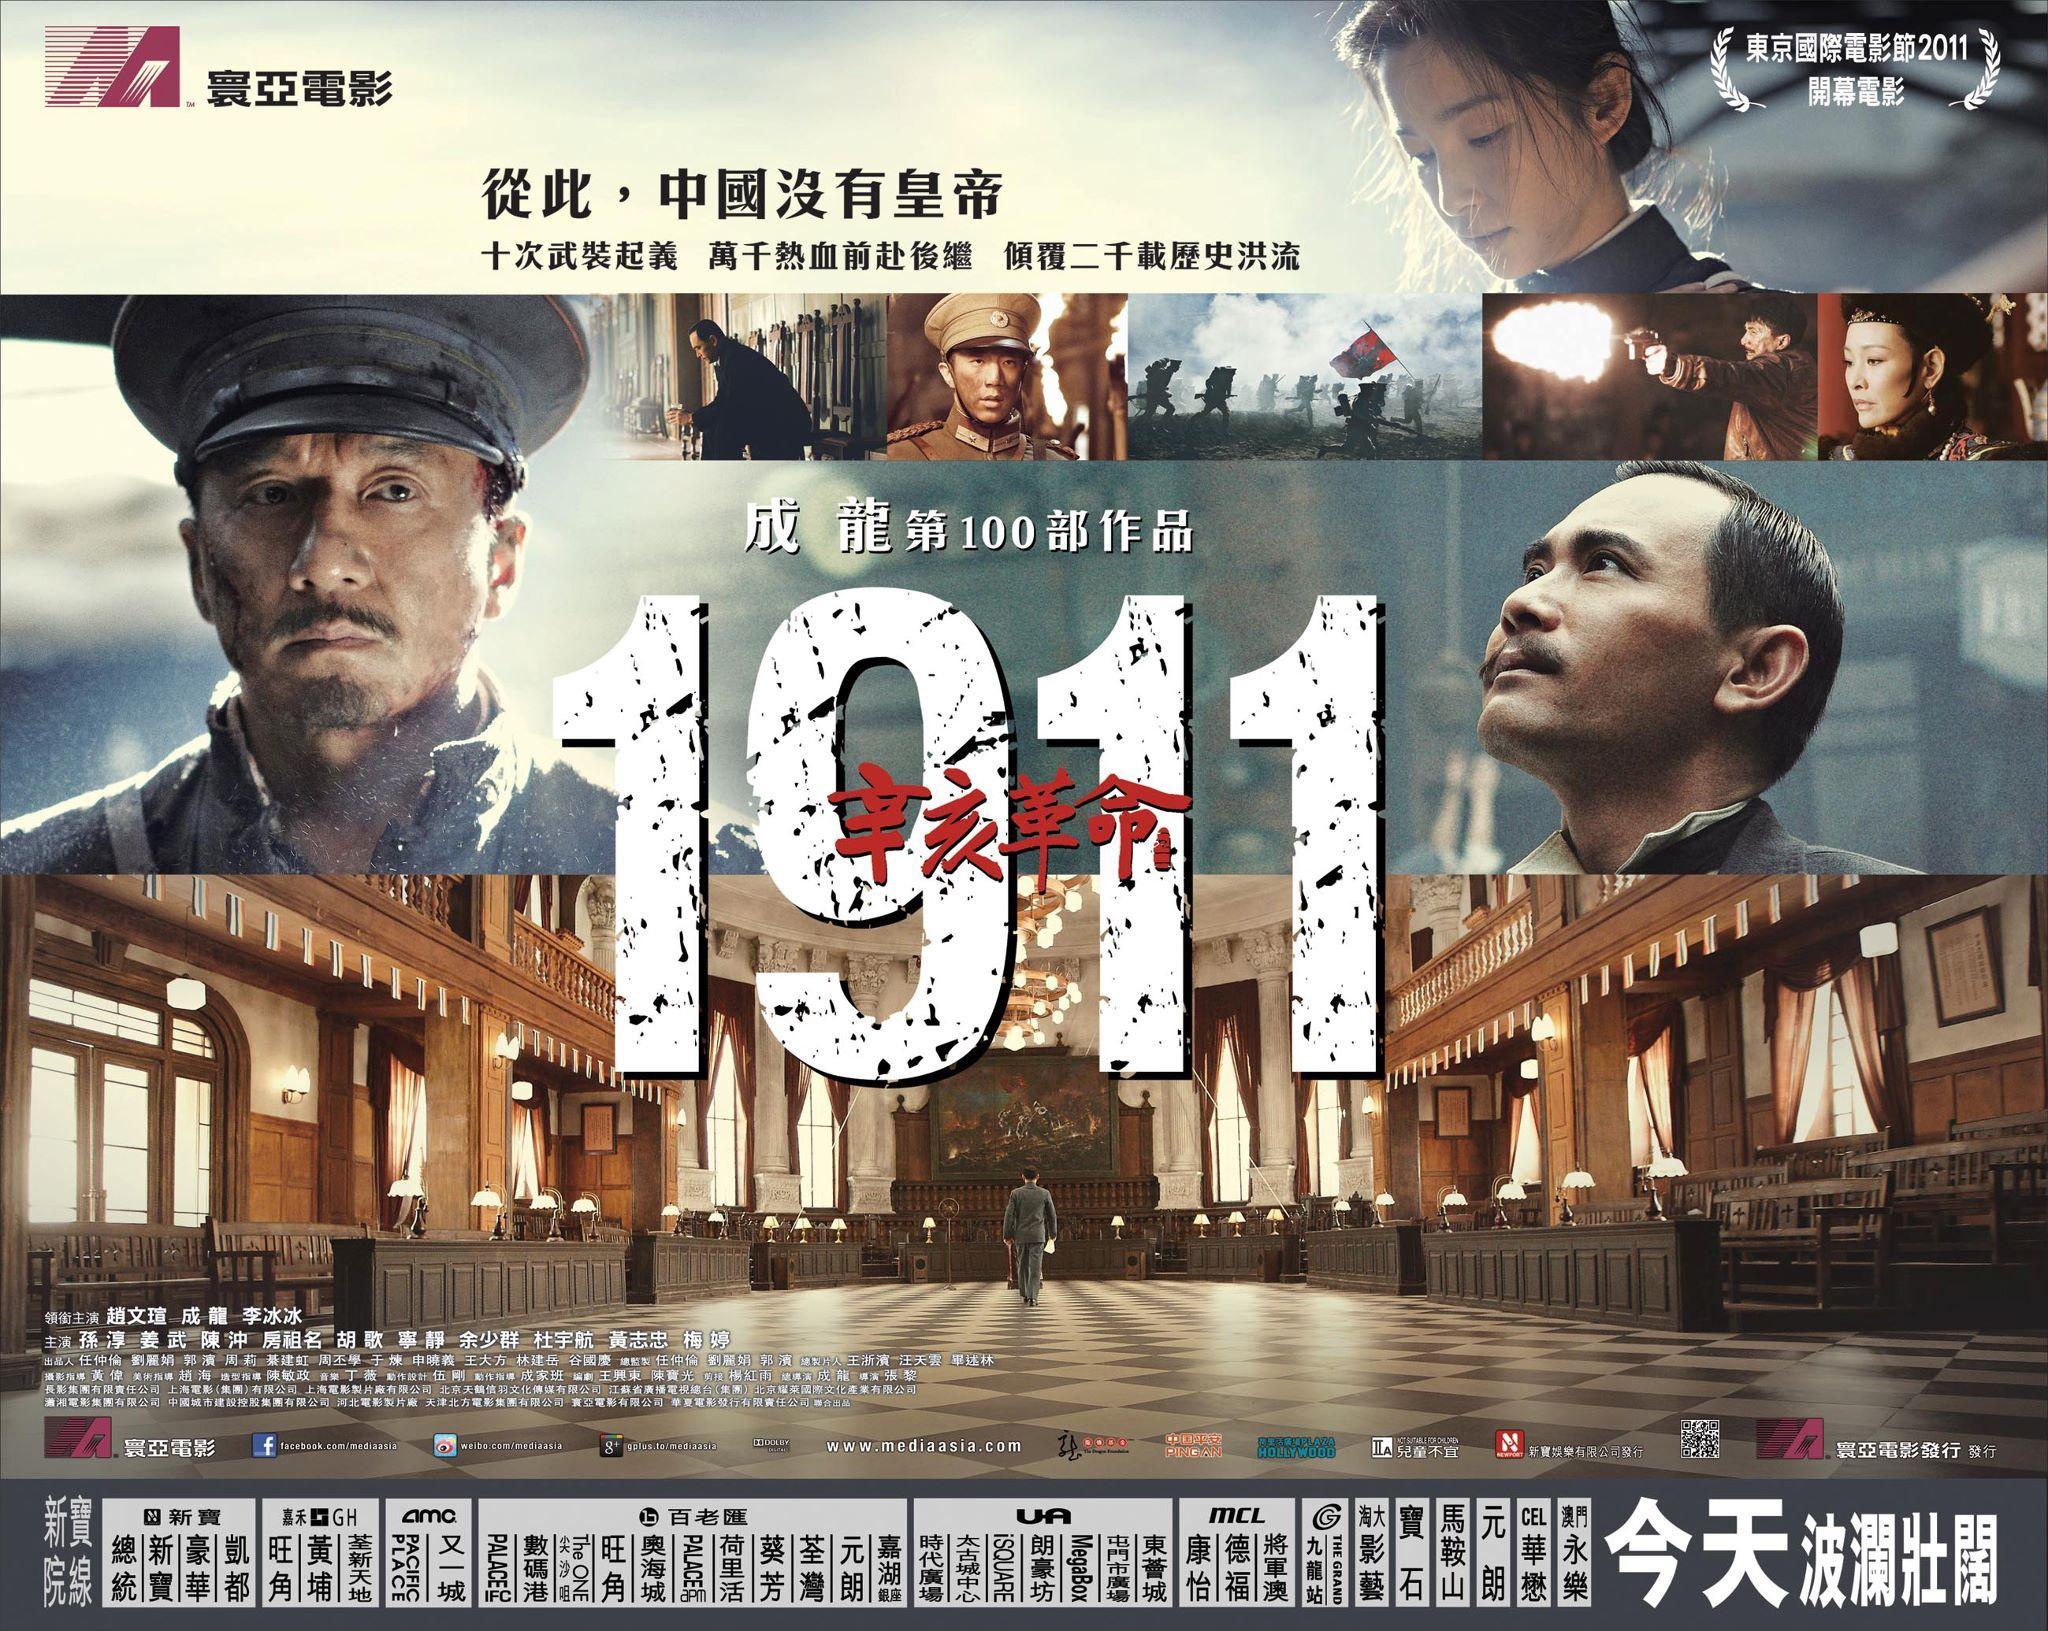 плакат фильма биллборды 1911*